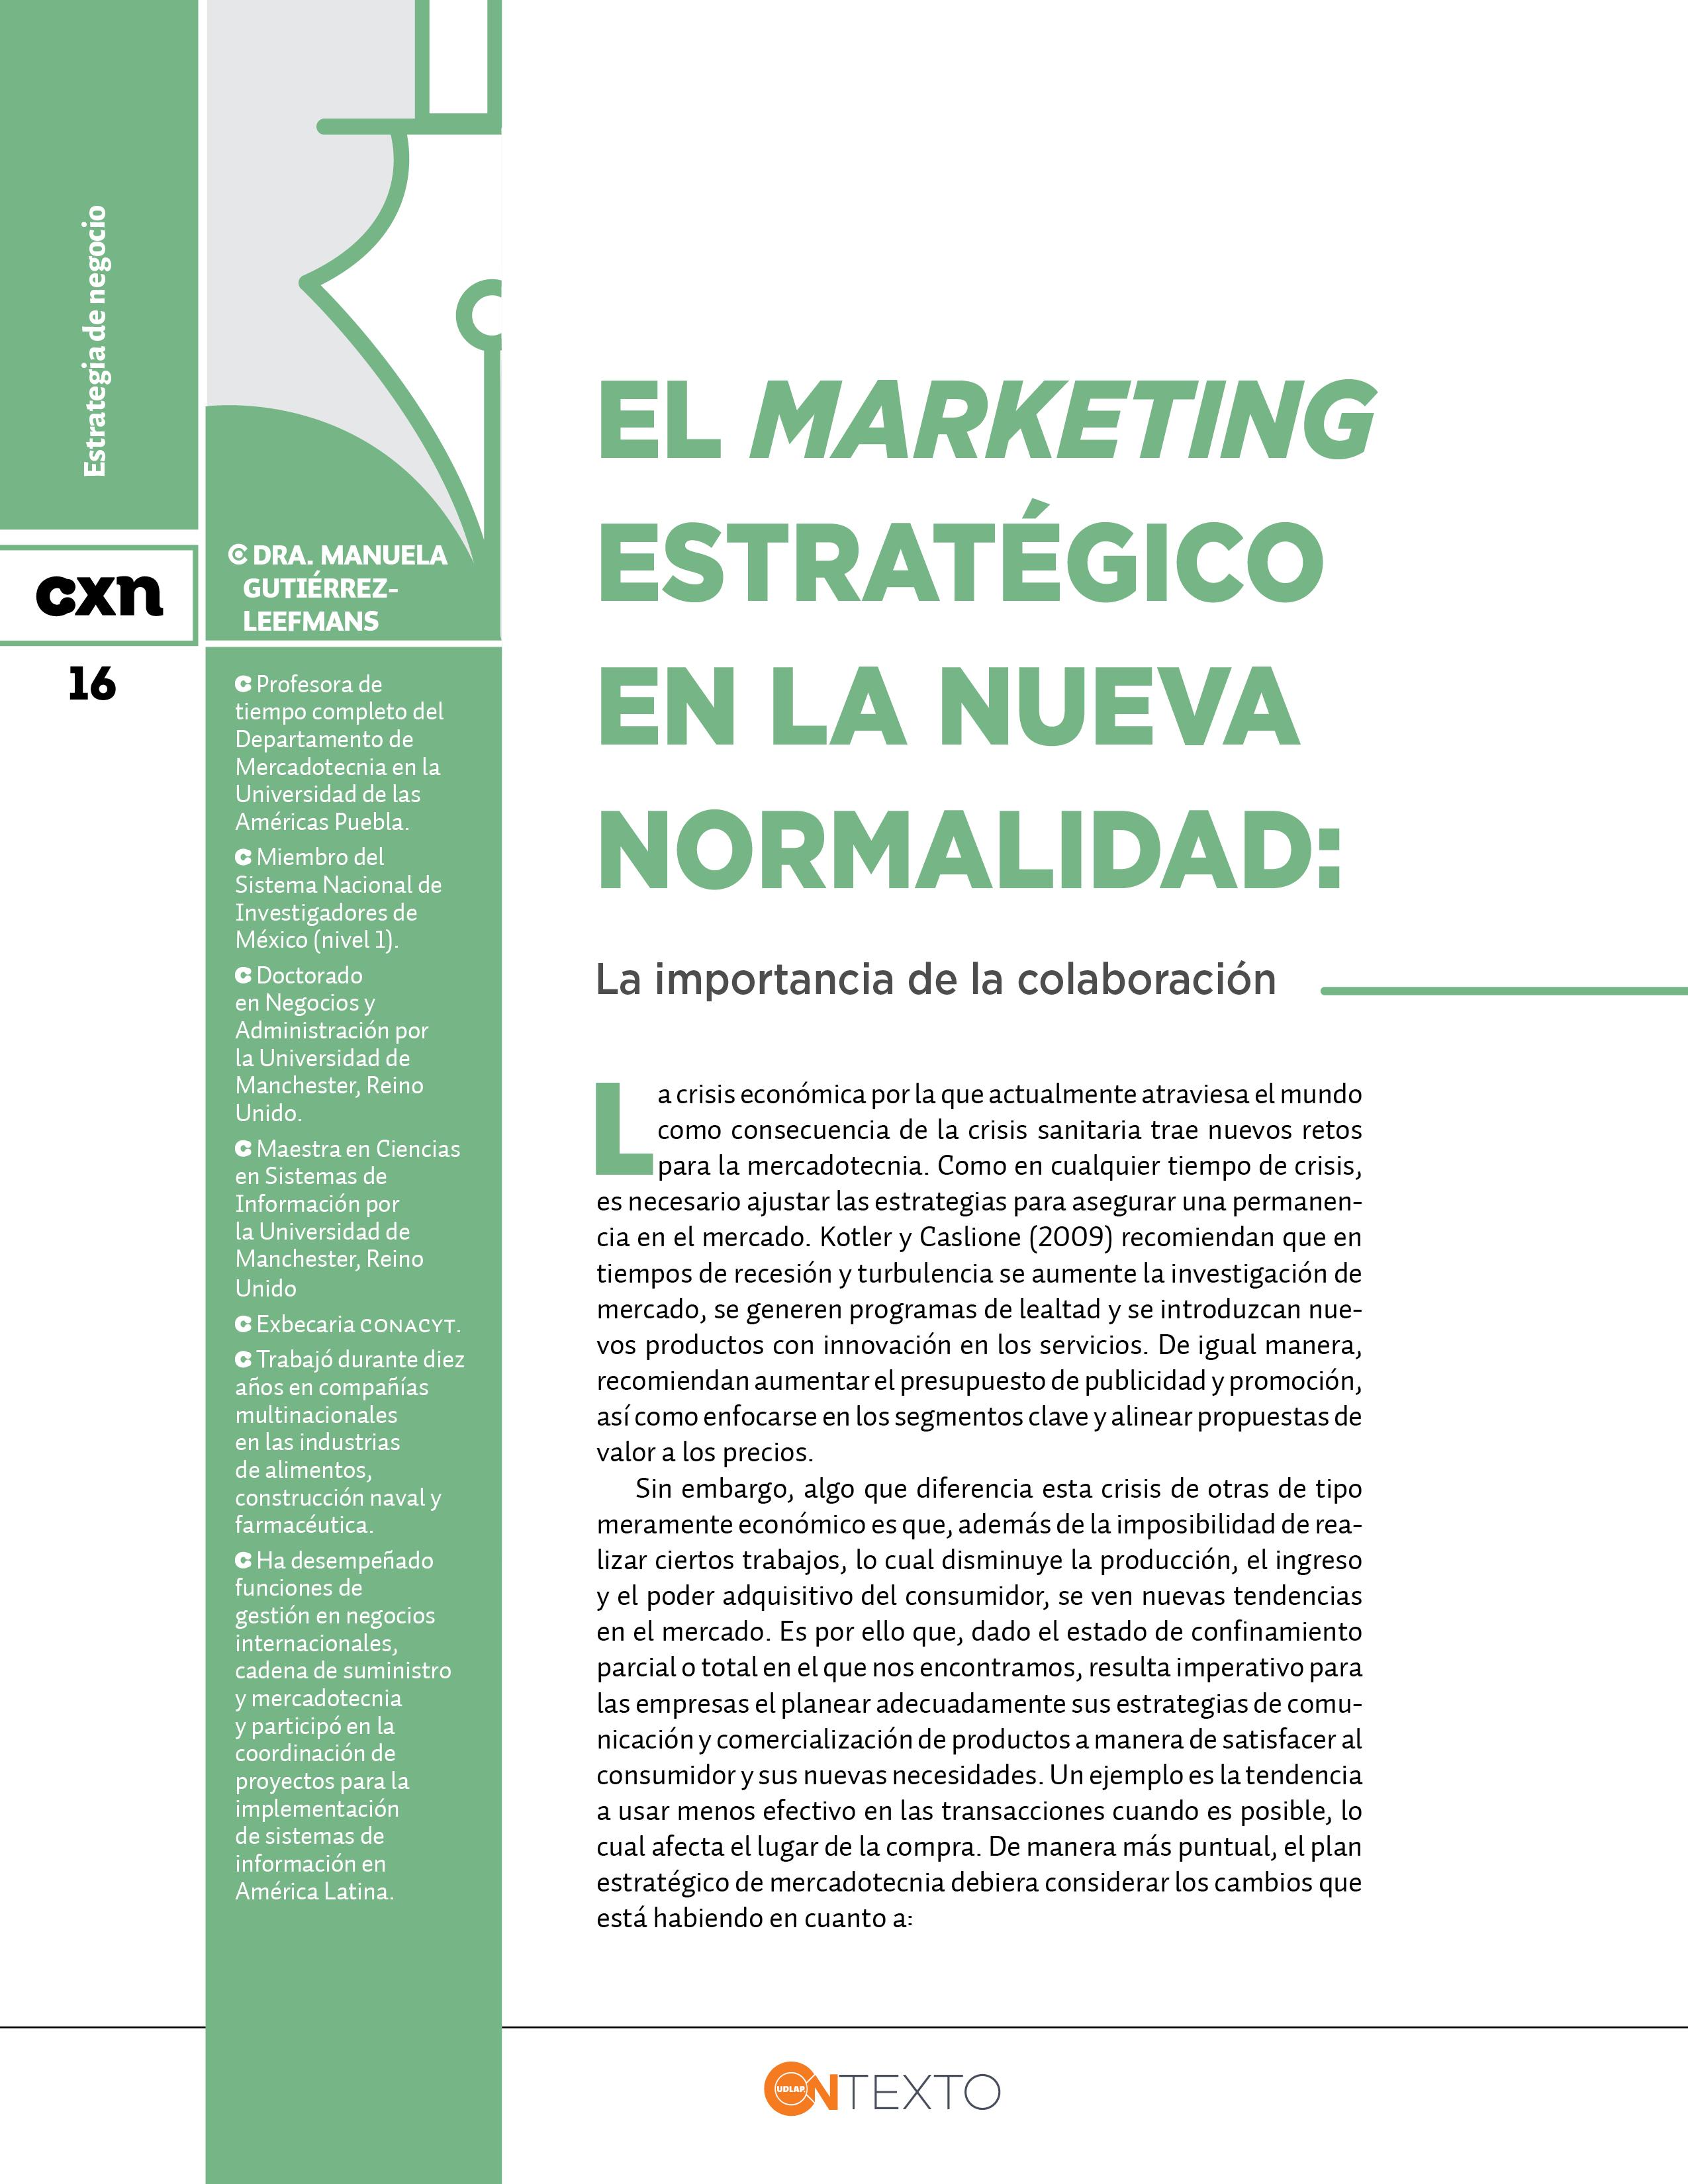 marketing estrategico en nueva normalidad Conexión Universitaria UDLAP